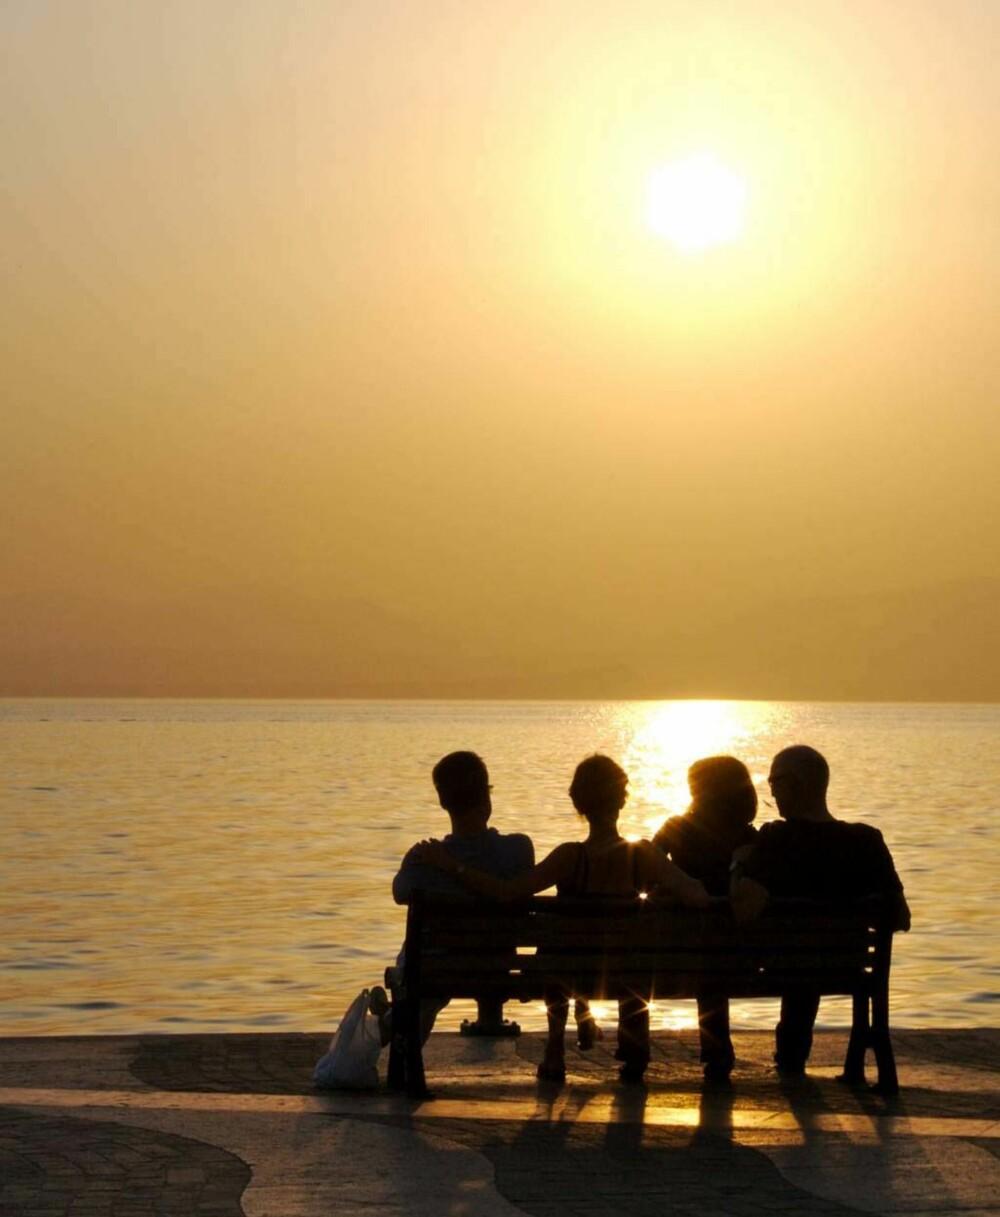 VARMER: Det sies at Gardasjøen fungerer som et gigantisk solpanel.